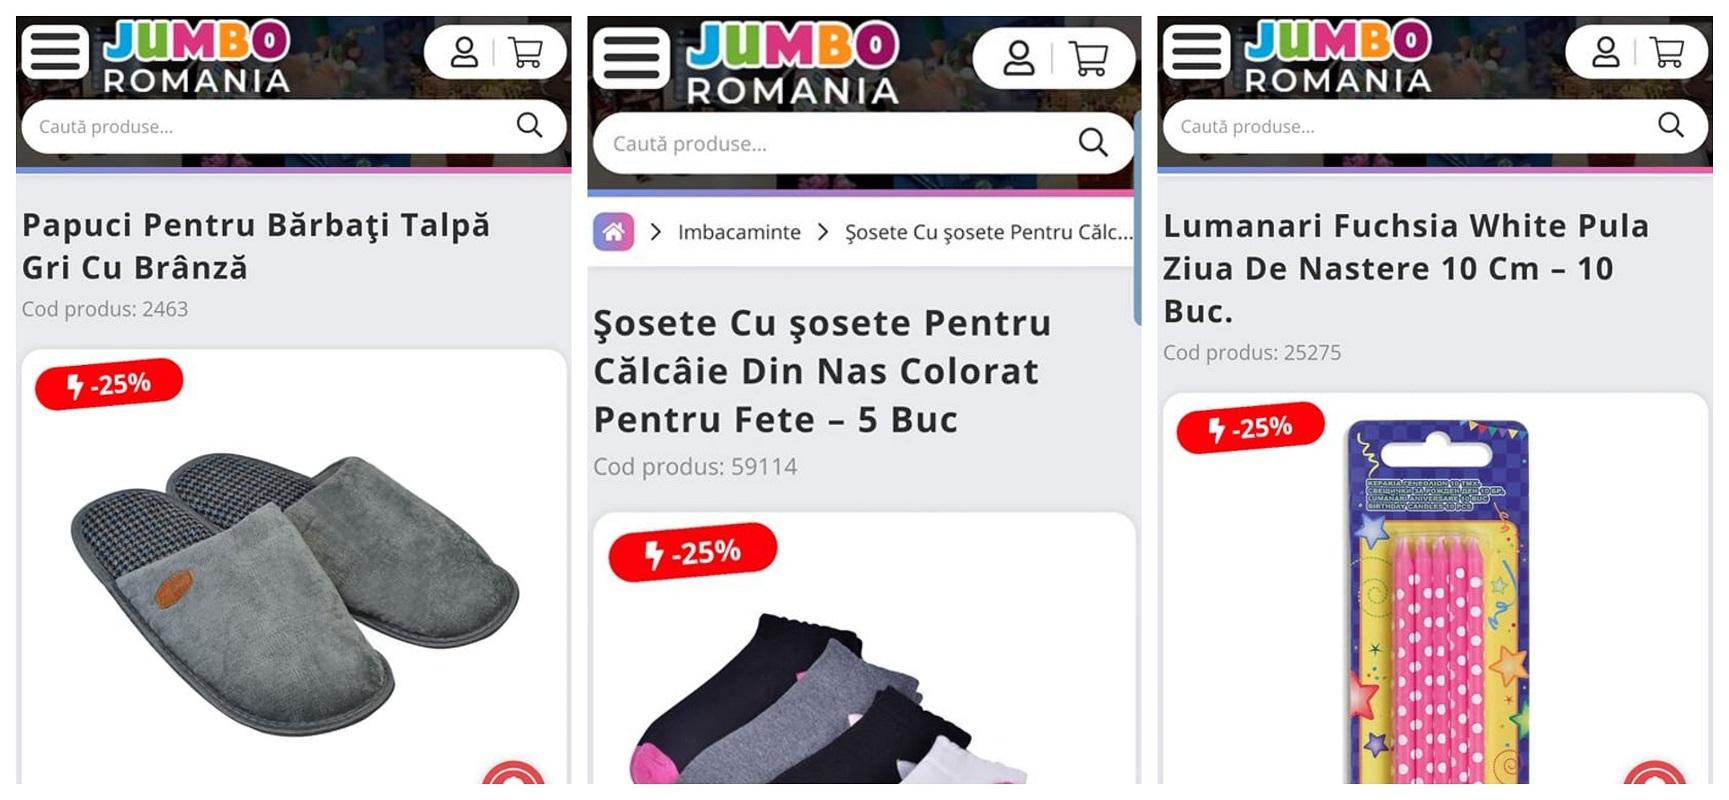 Jumbo-Romania-produse-site.jpg